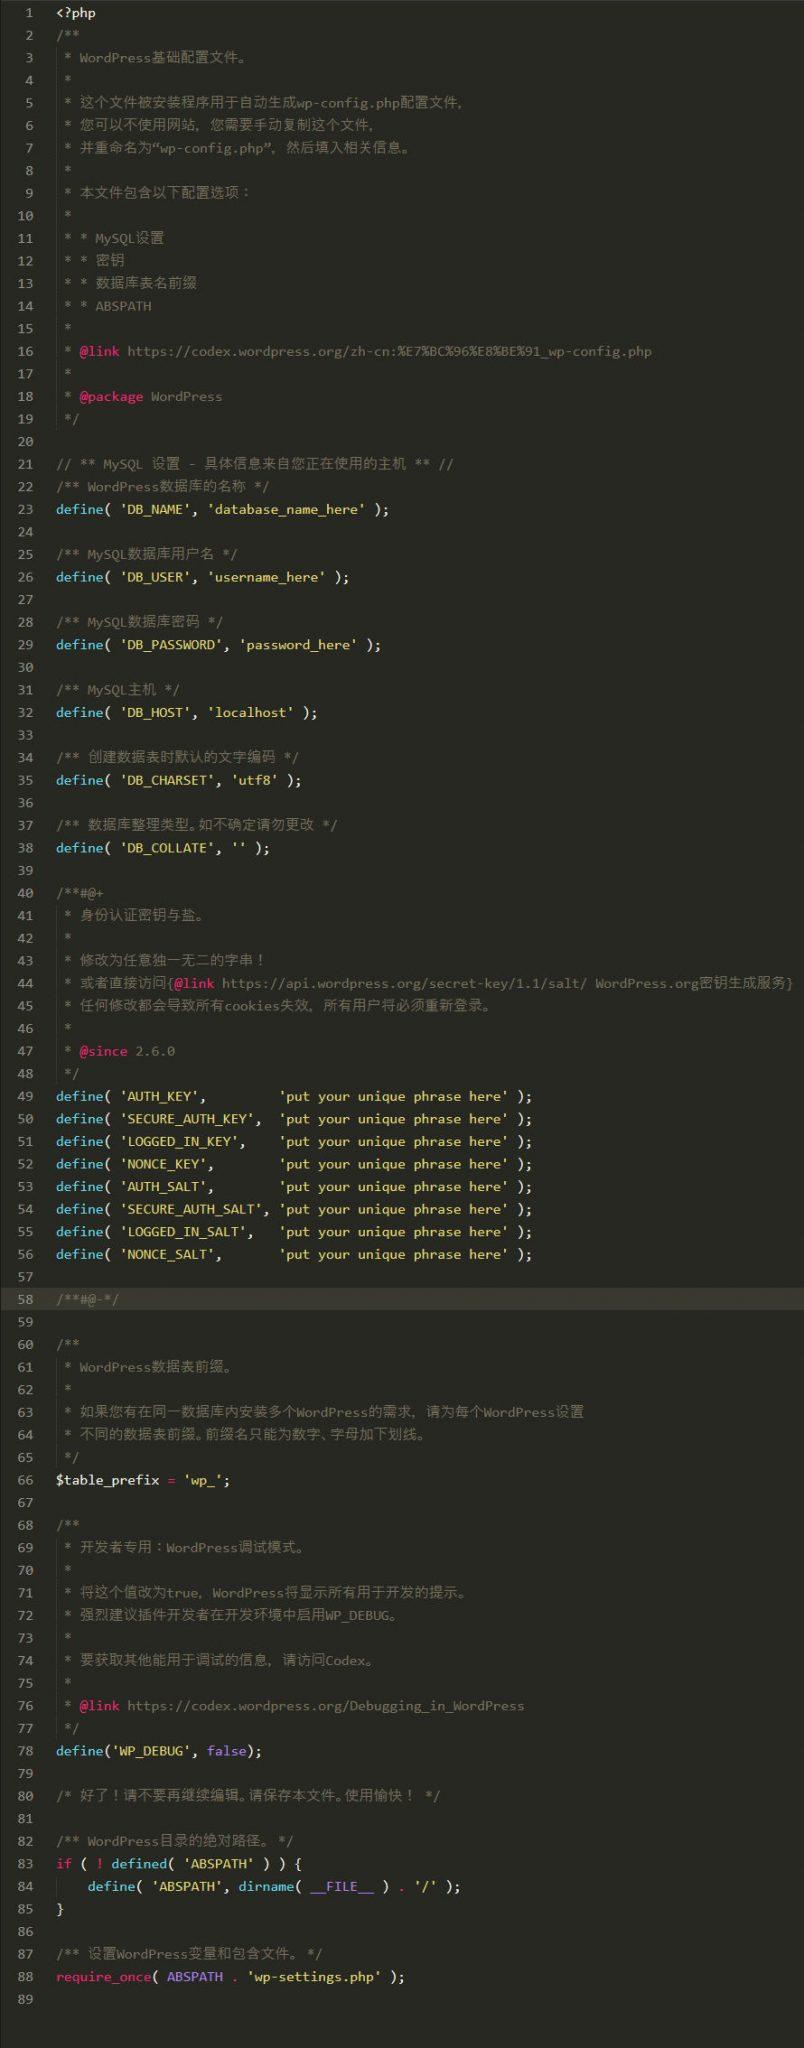 详细介绍 WordPress 配置文件 wp-config.php